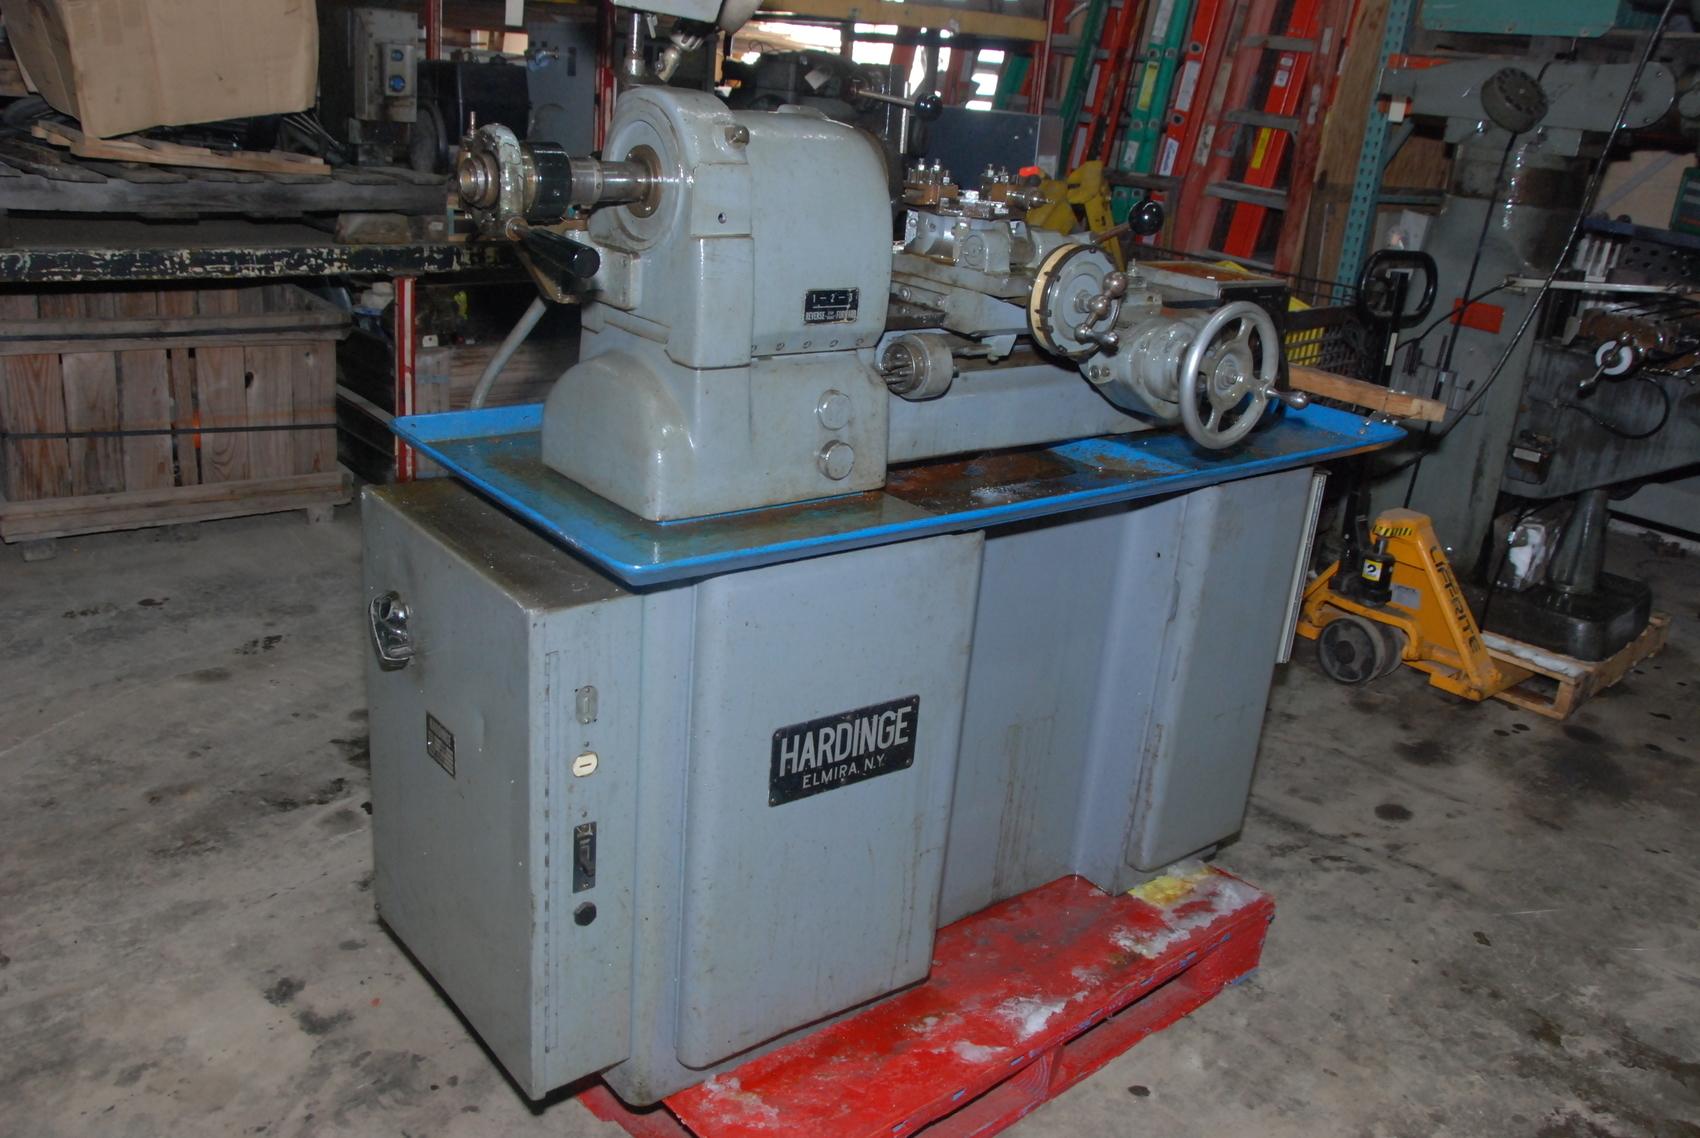 Hardinge HC Chucker Lathe Machine,220V,3PHASE